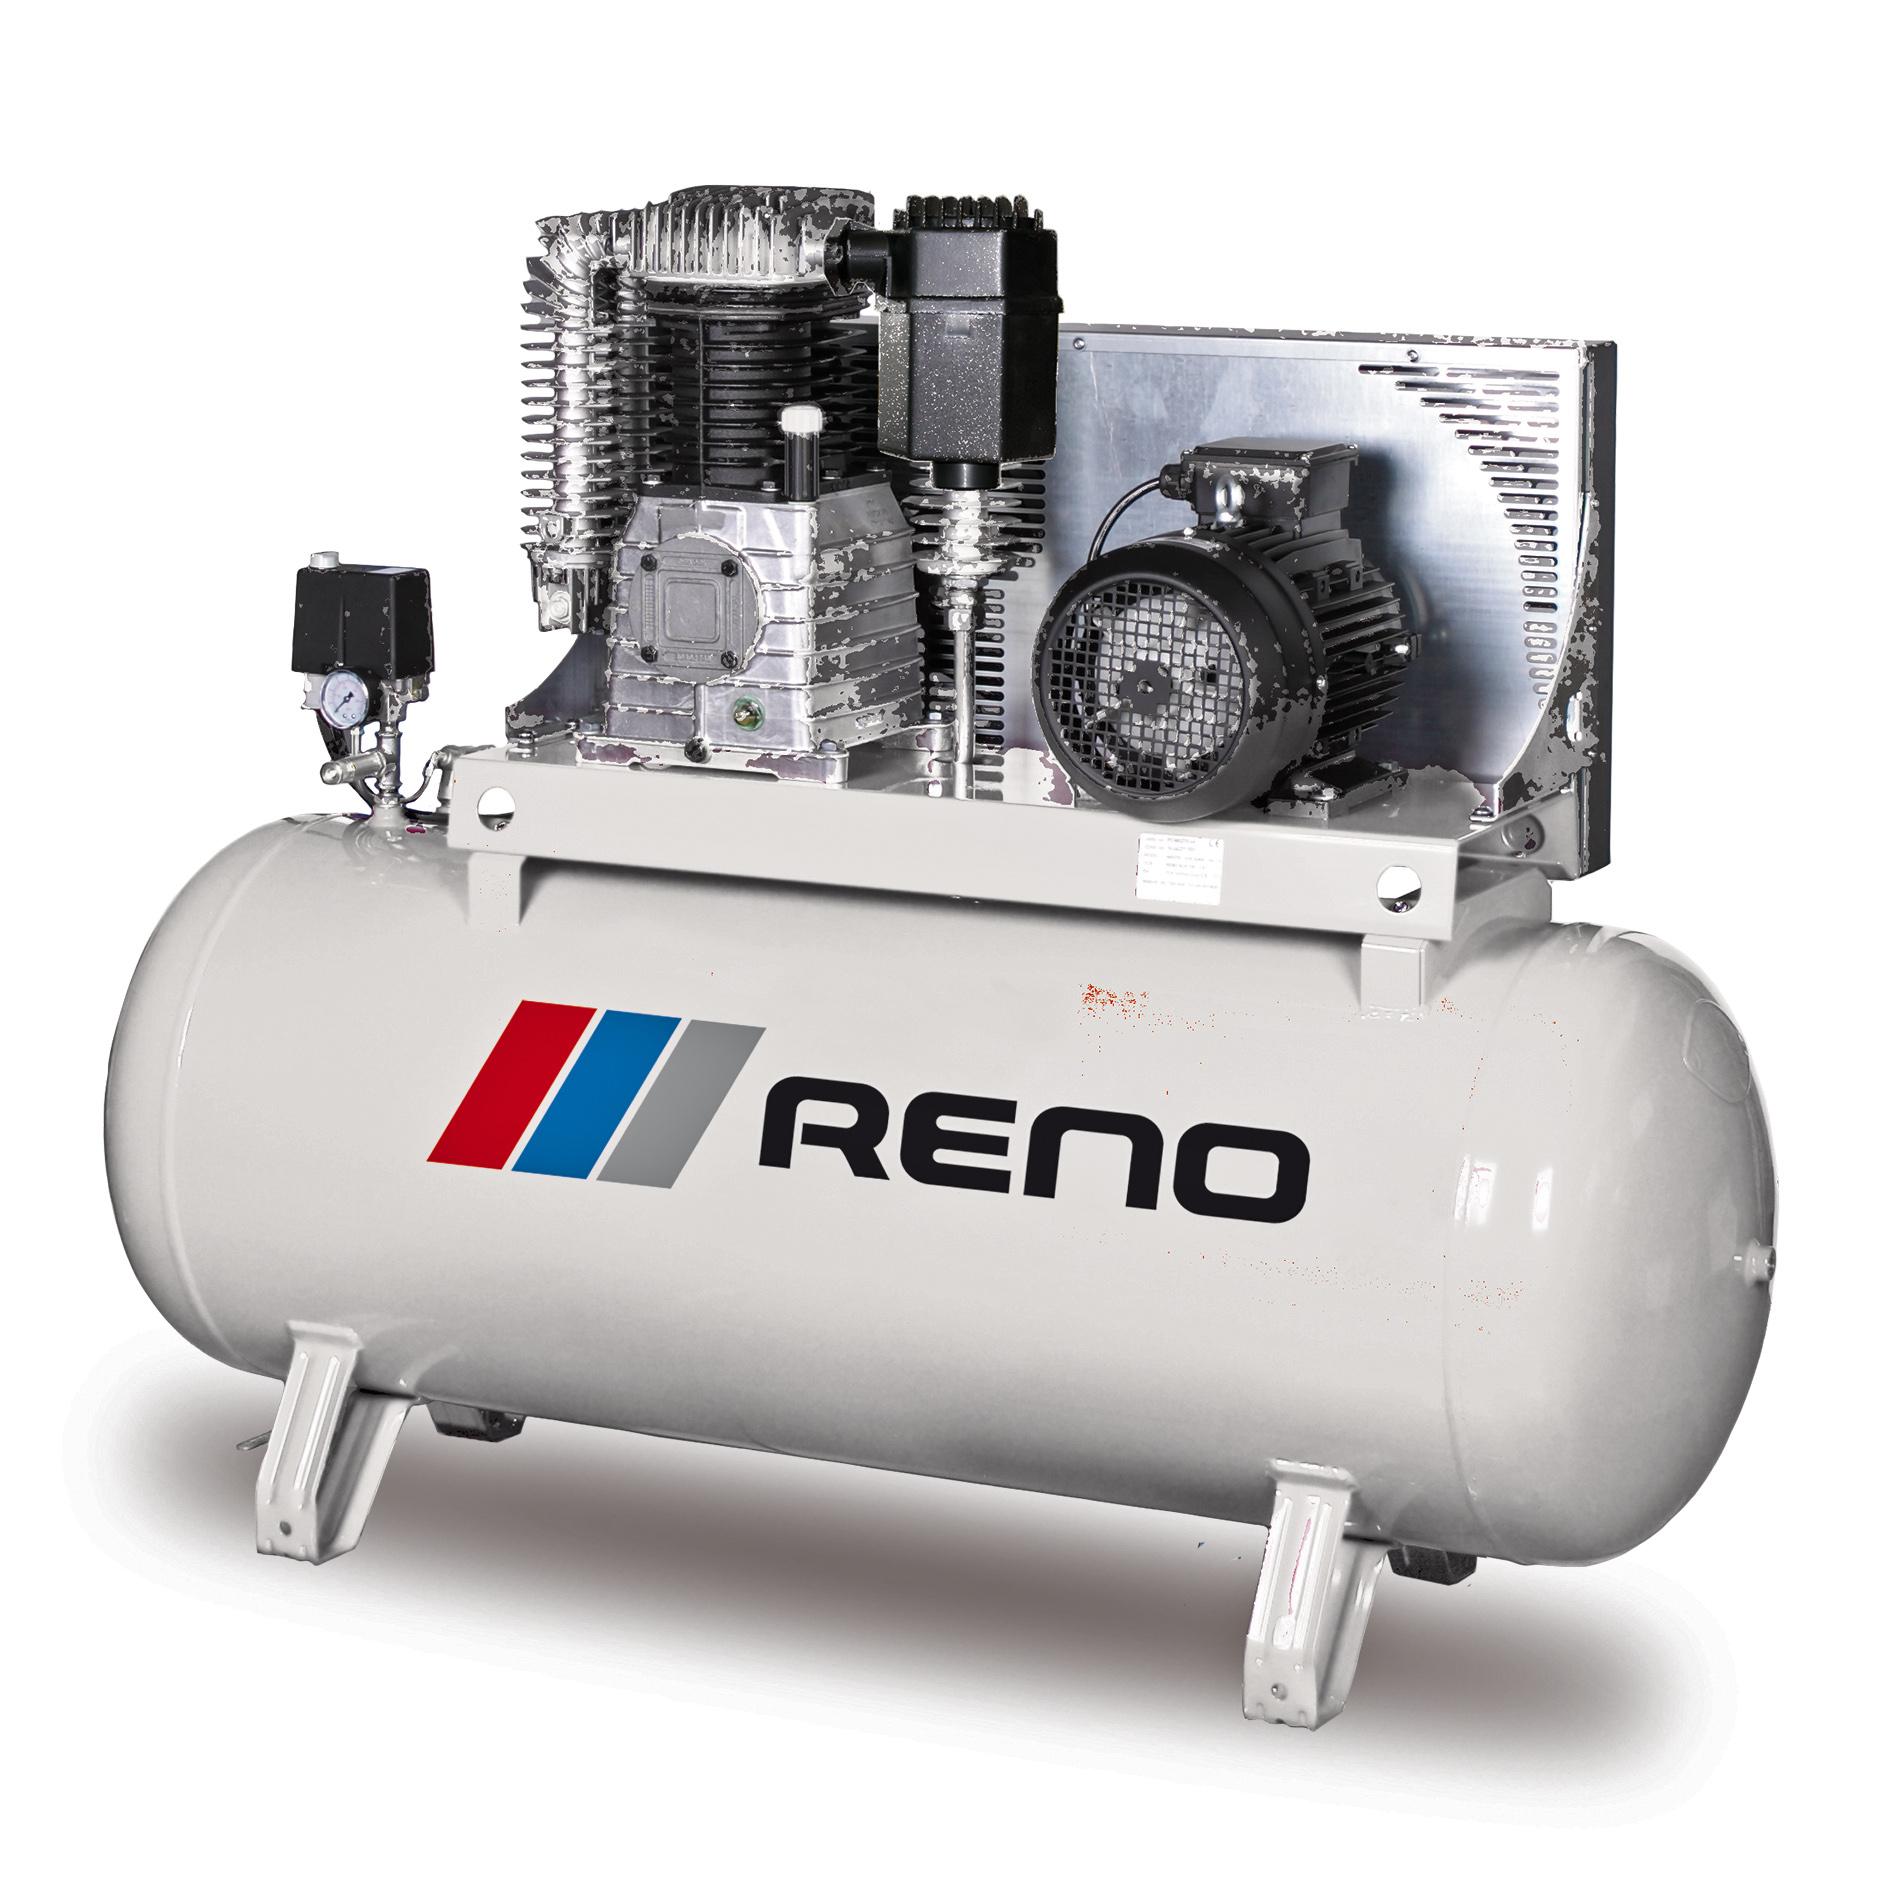 RENO 960/270 400 VOLT Image